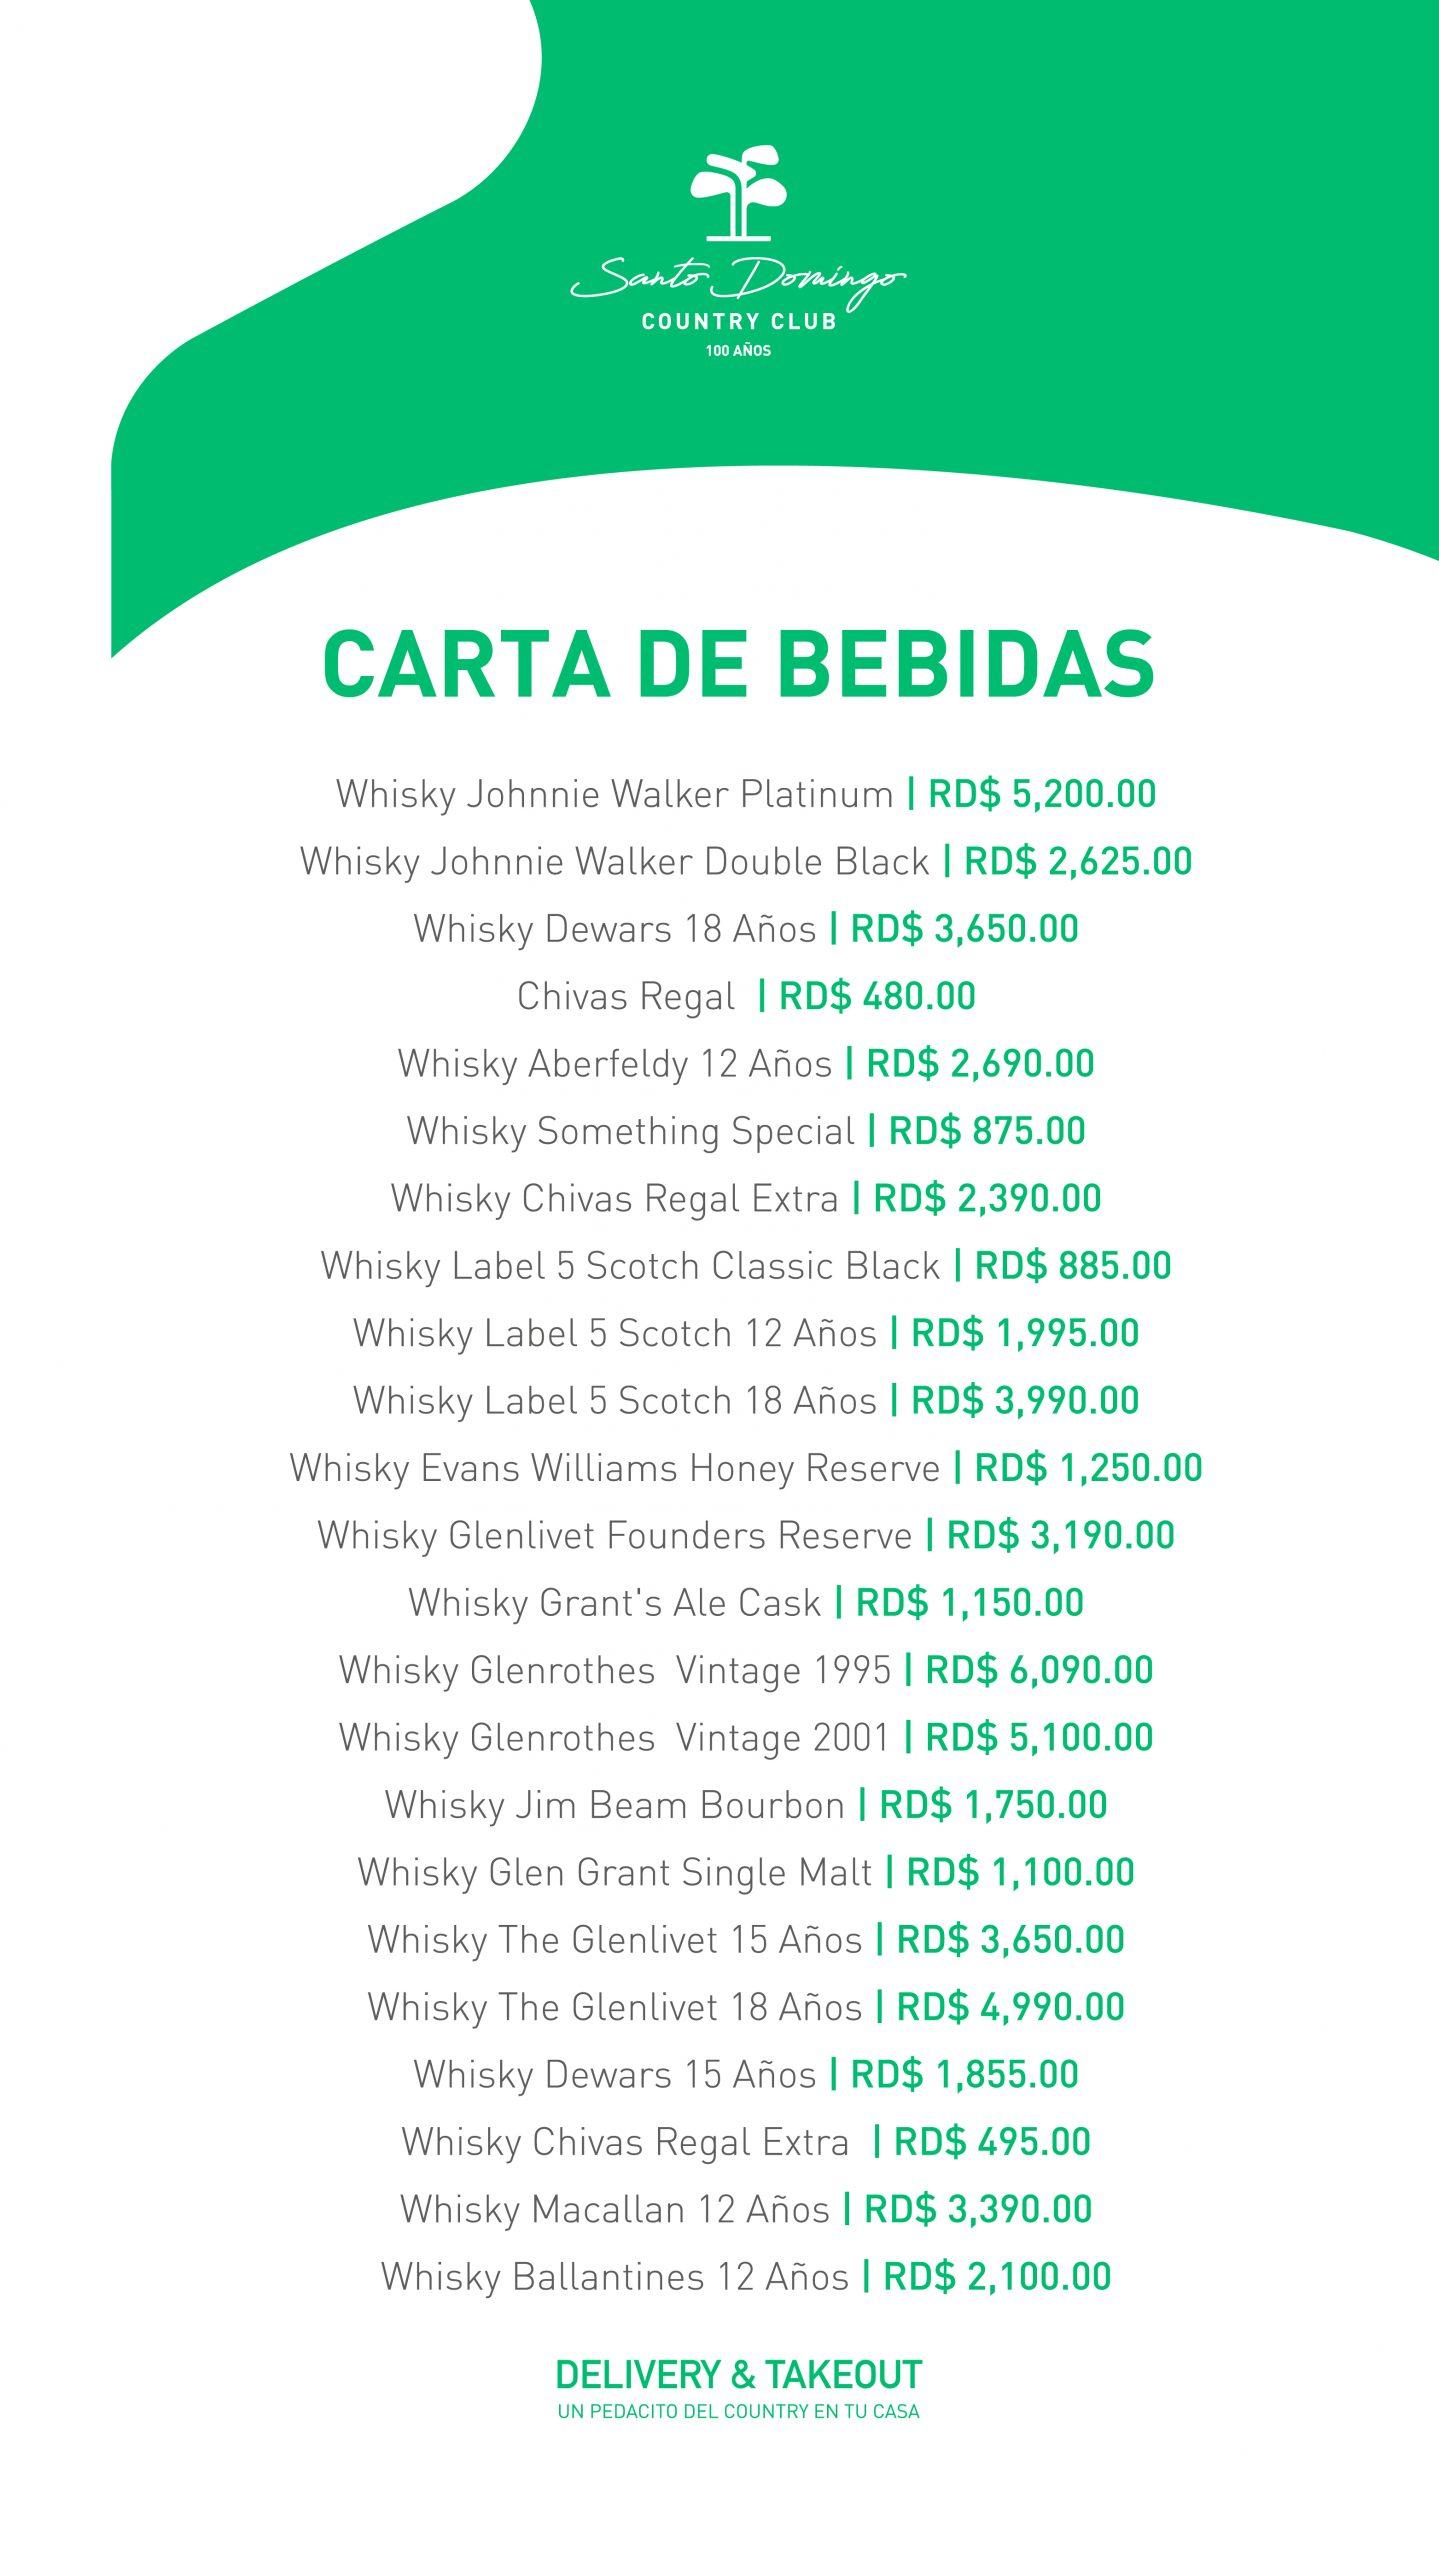 Carta de Bebidas Completa peq. web-18